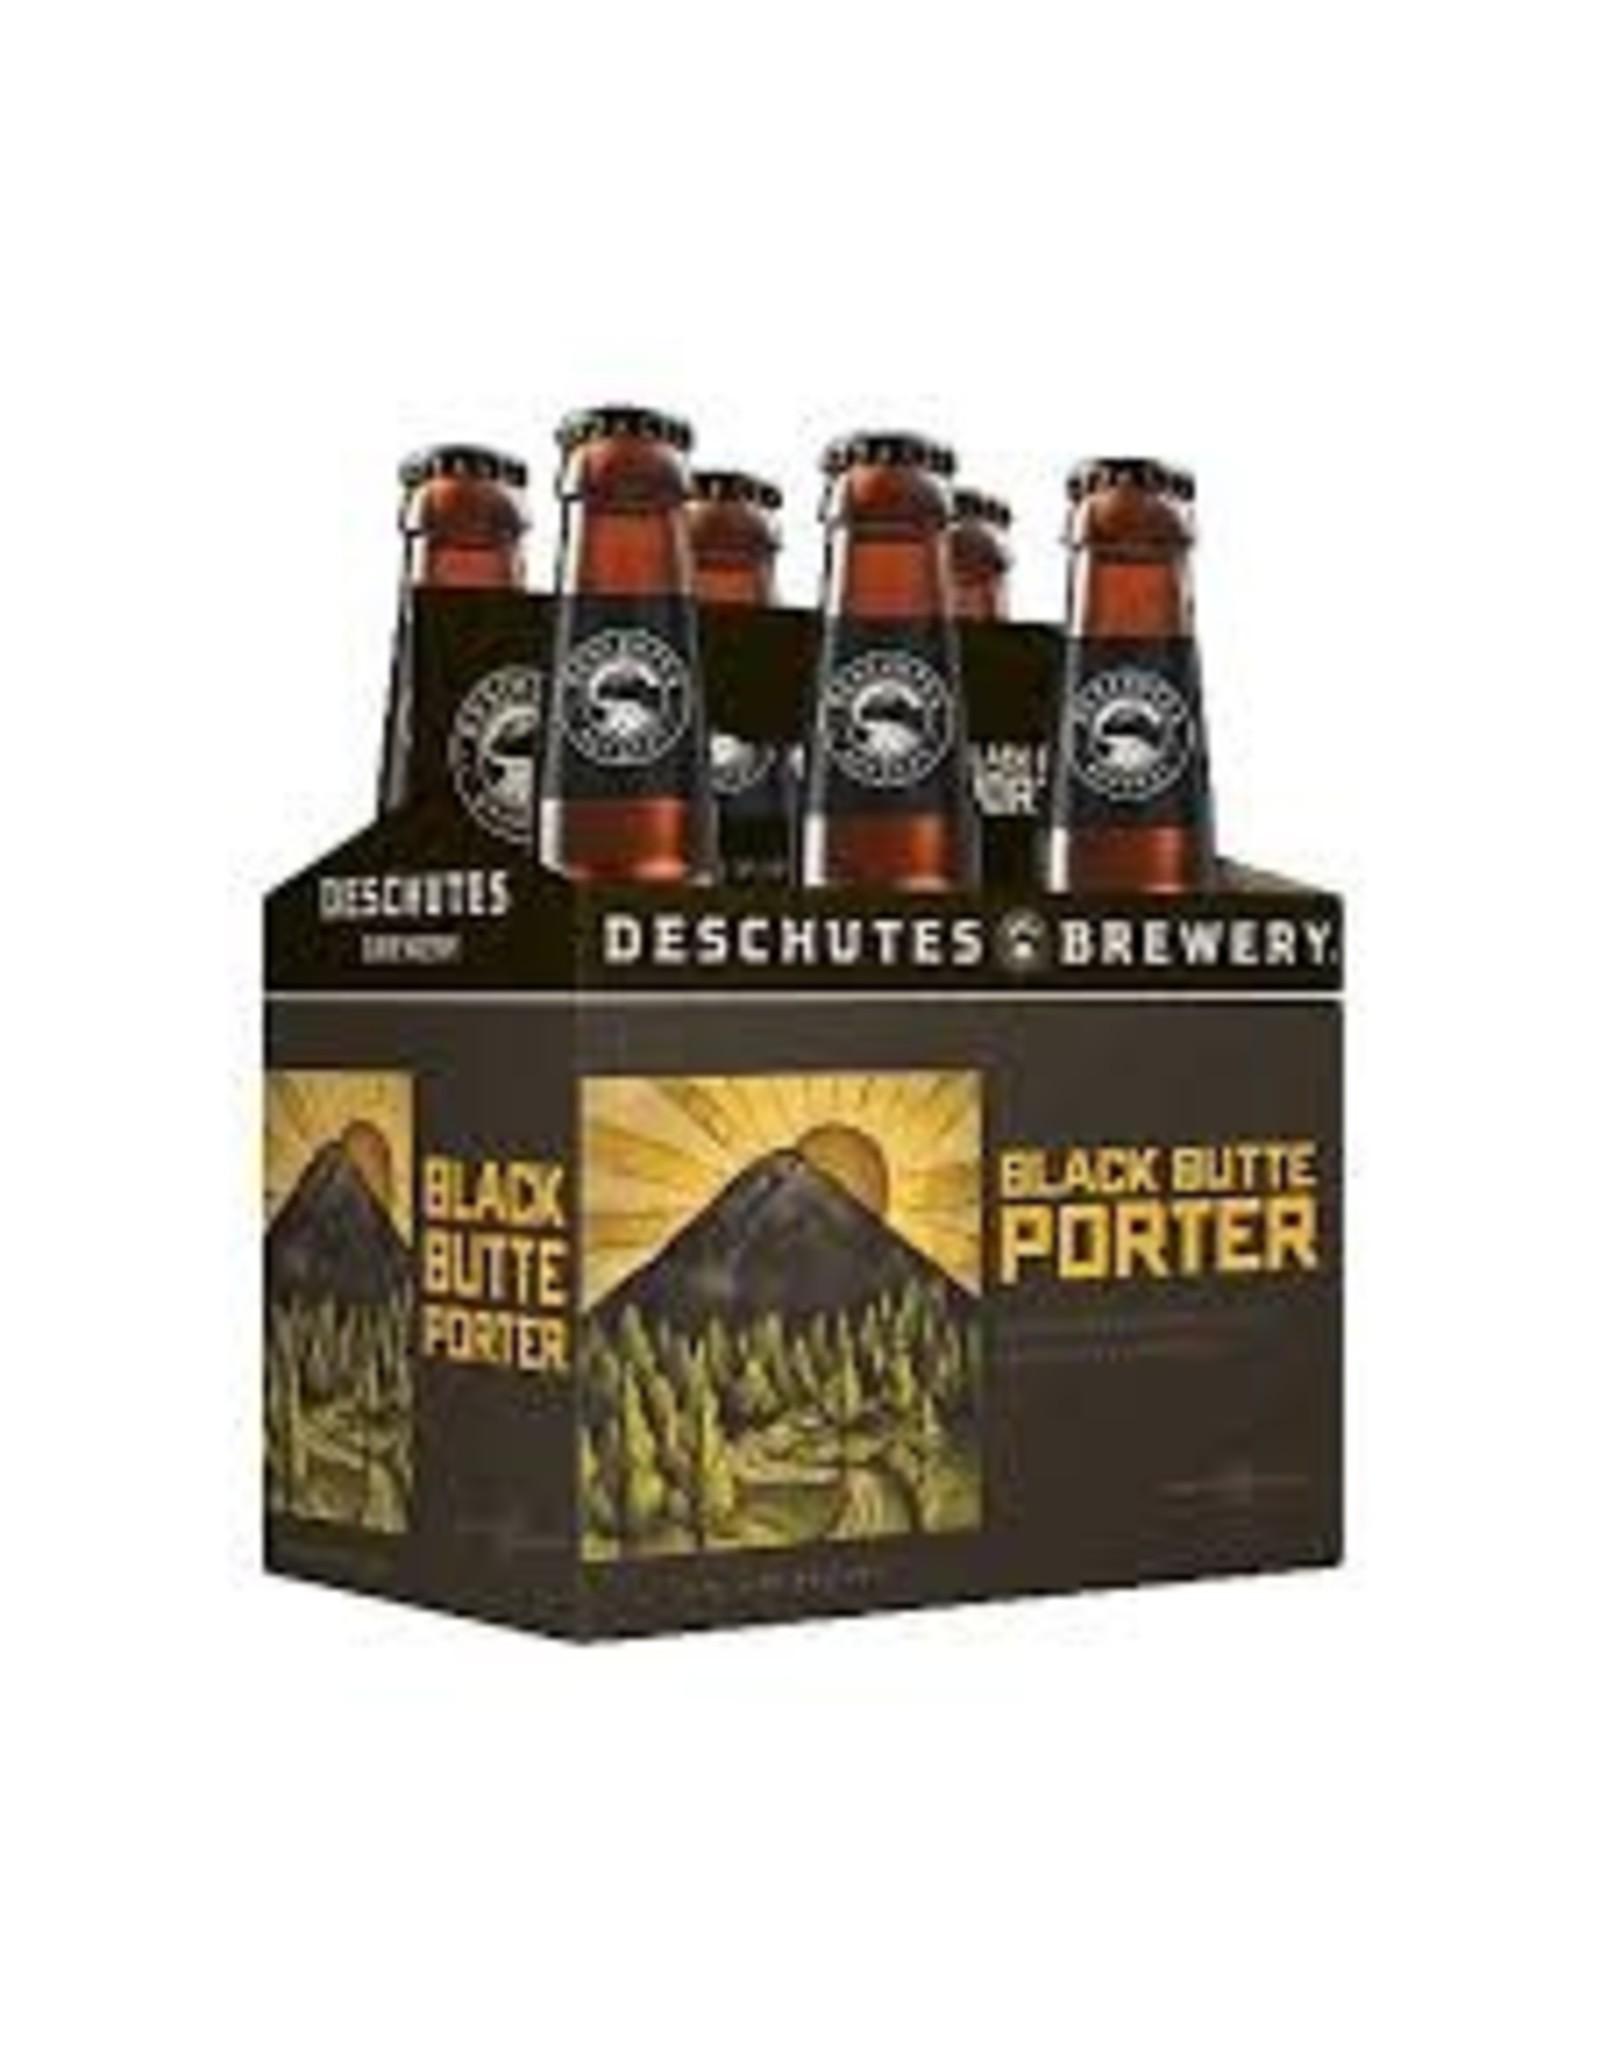 Deschutes Deschutes Black Butte 6pk bottle